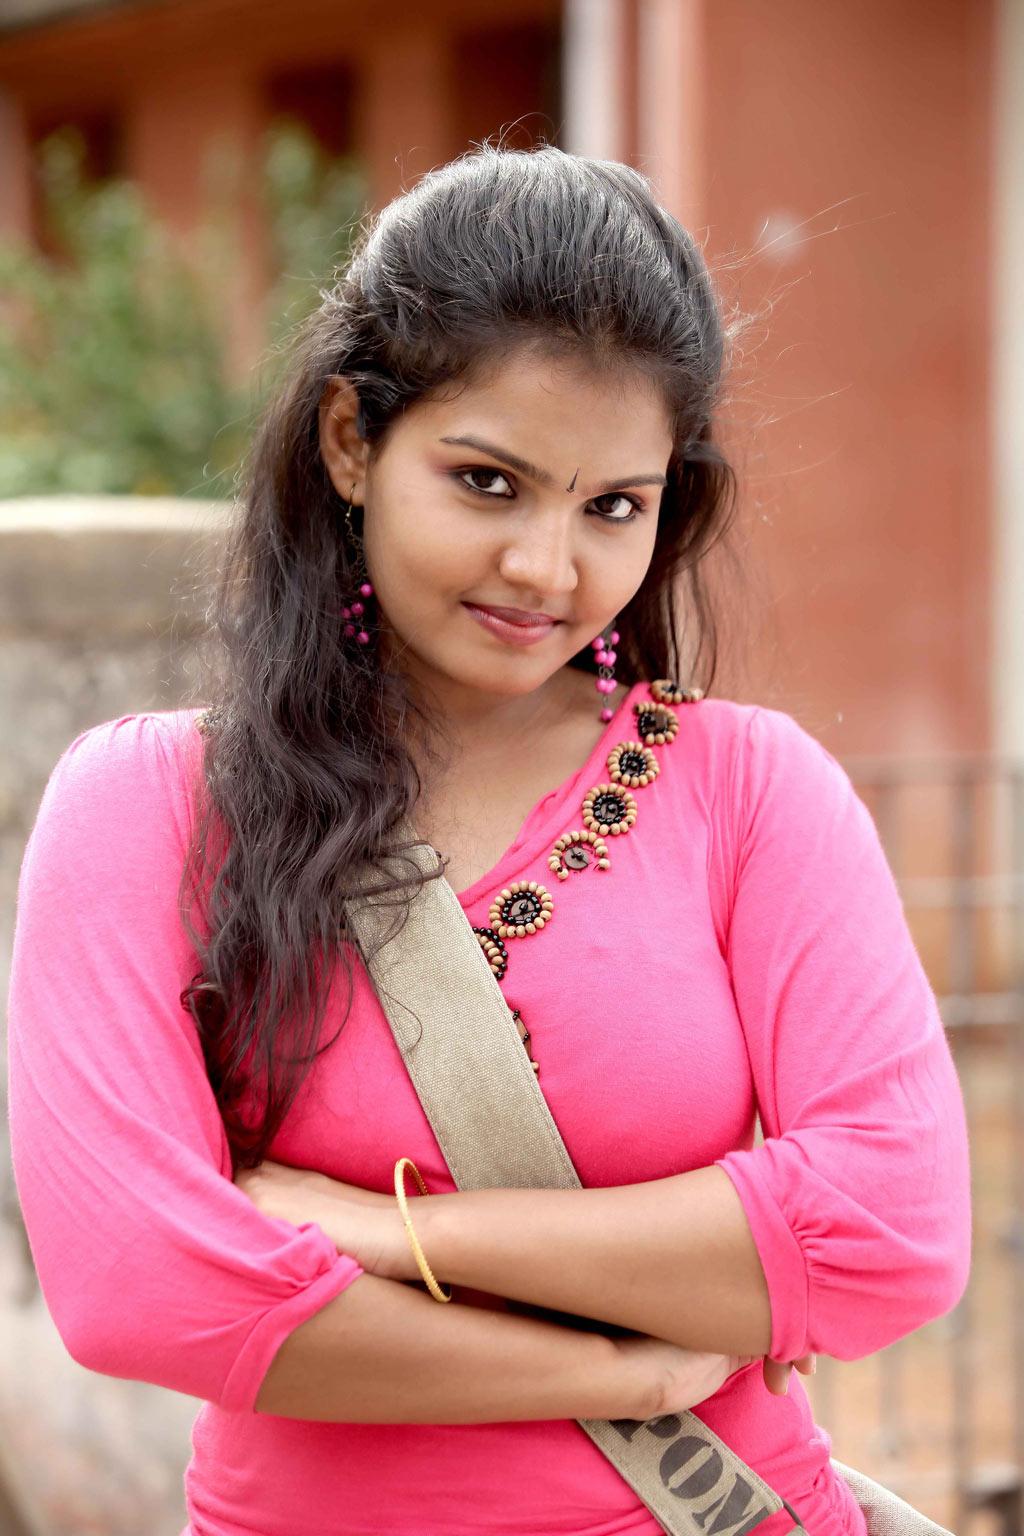 Rambha Photos-Hot Sexy Photos of Rambha with new hot images Latest tamil movie photos